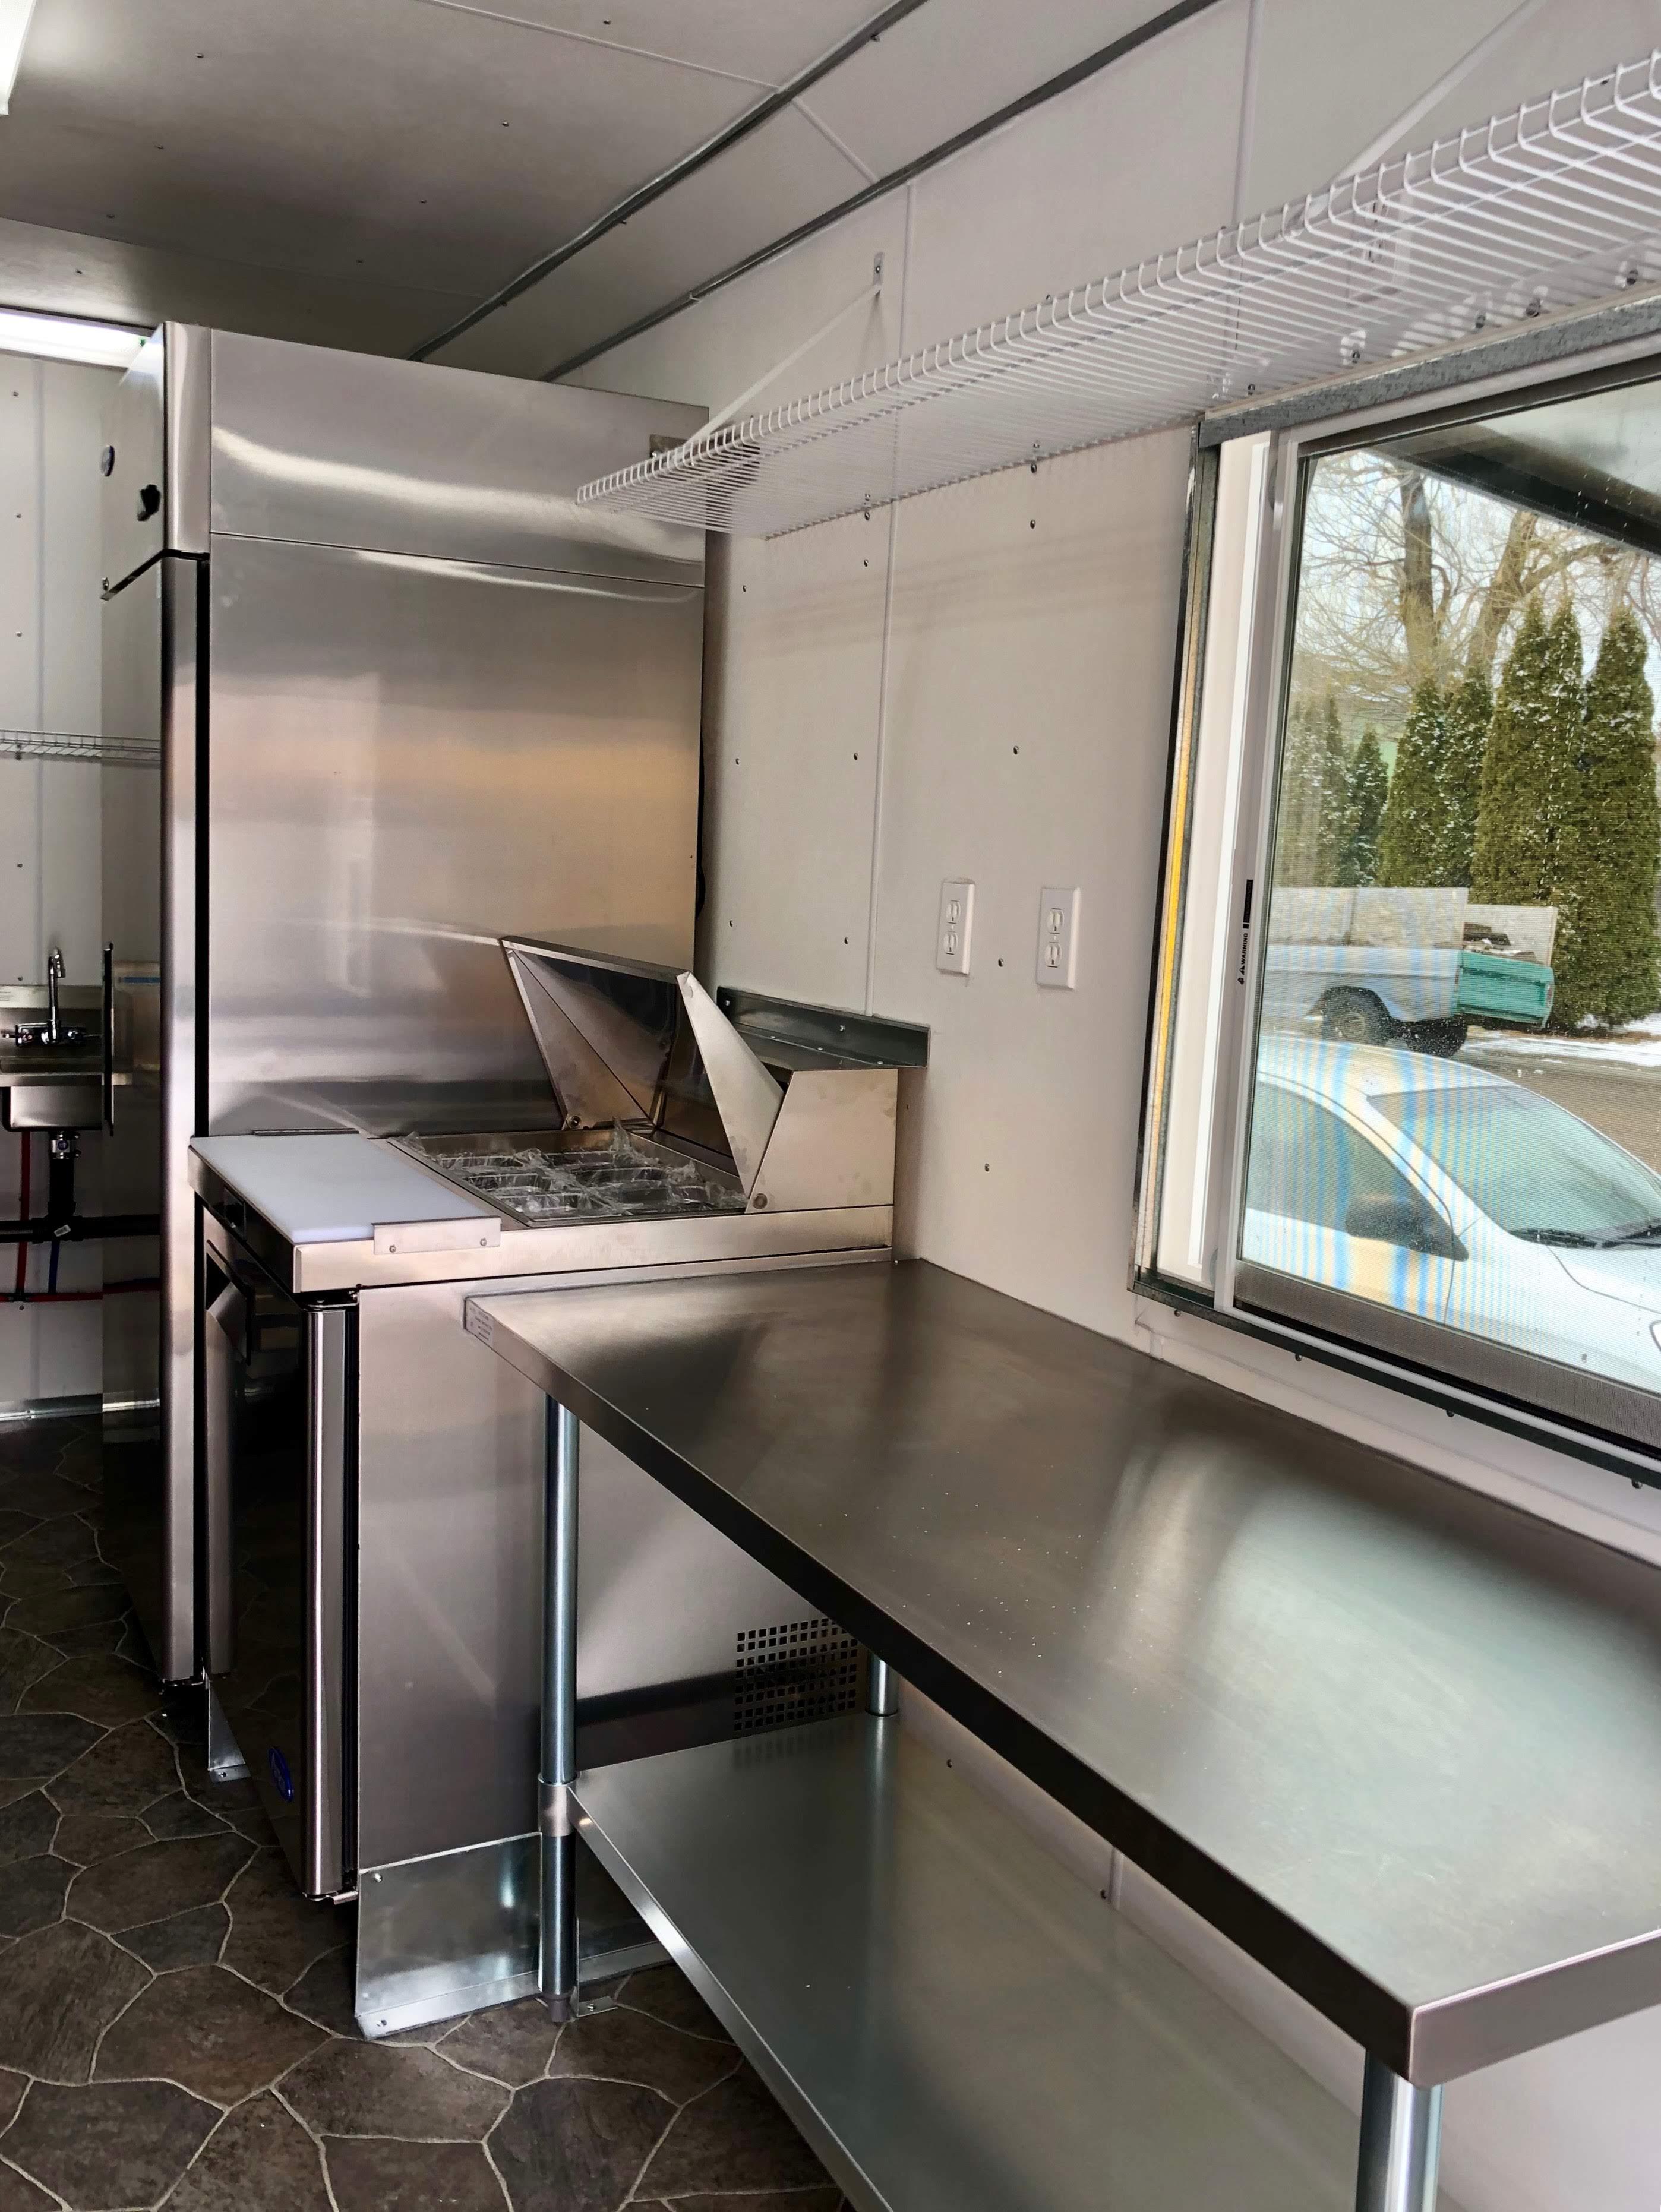 Custom designed Foodtruck kitchens